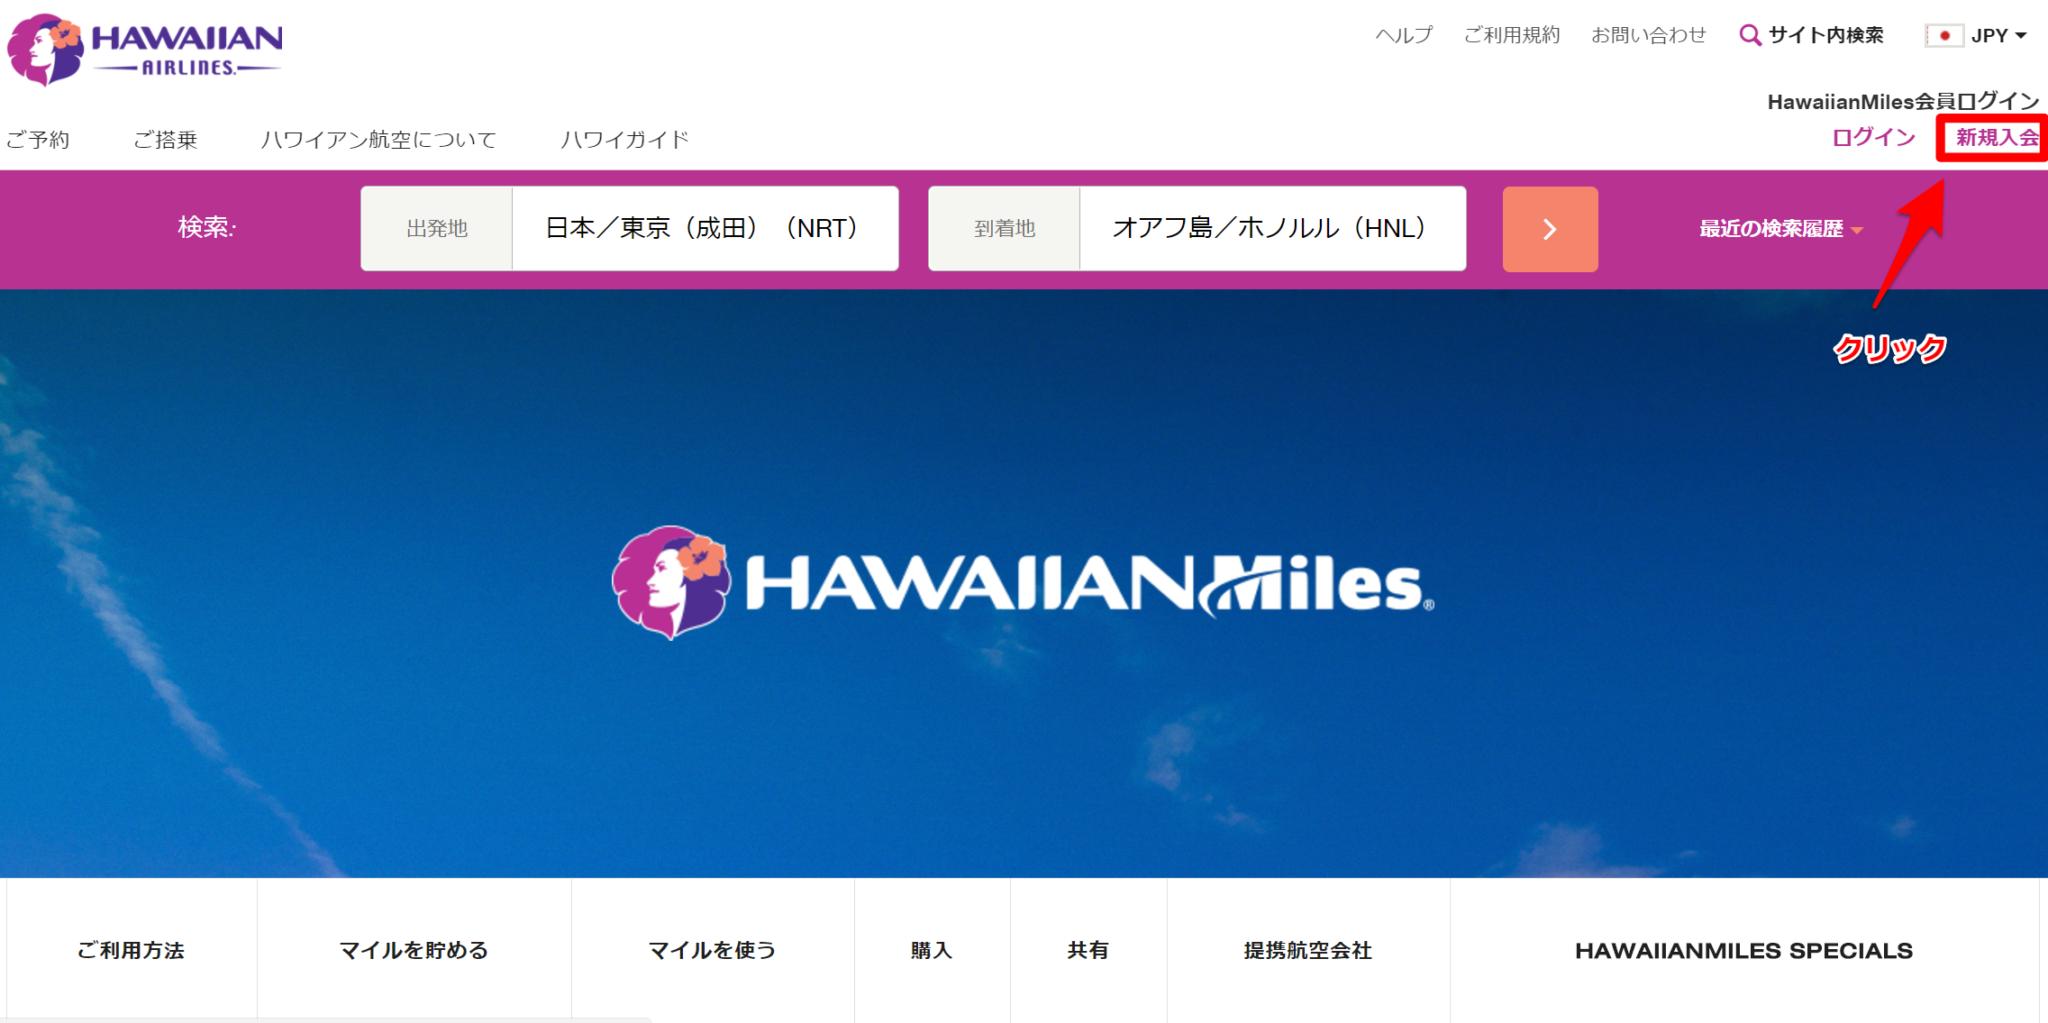 ハワイアン航空マイレージプログラム入会方法01